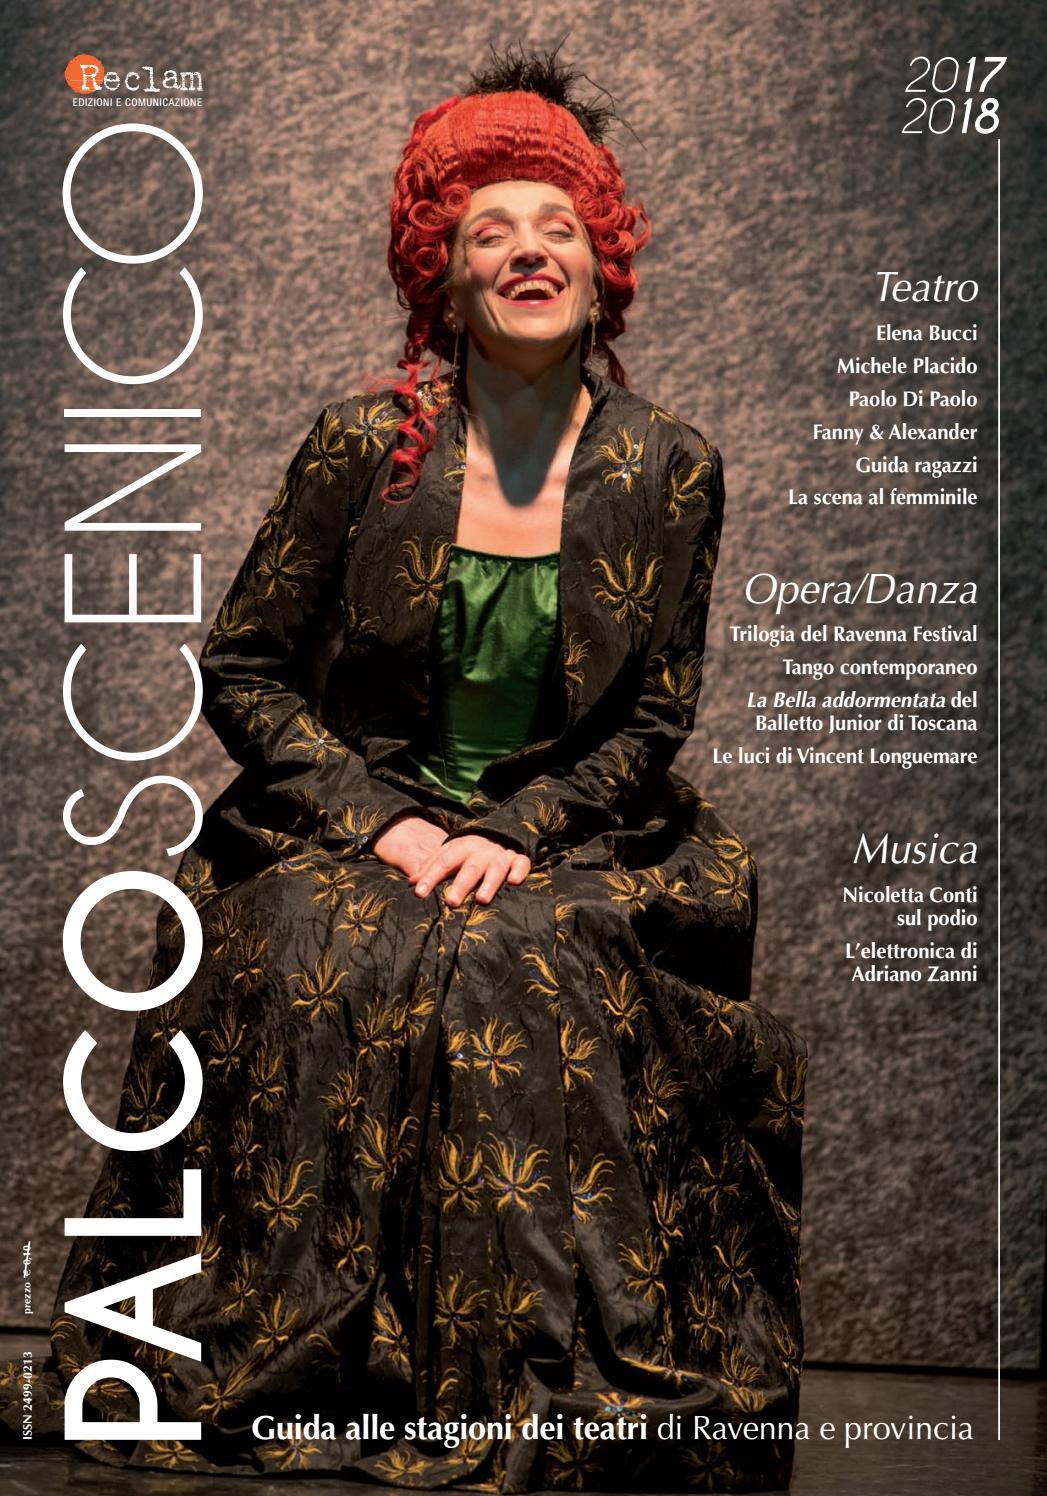 Palcoscenico 2017 18 by Reclam Edizioni e Comunicazione - issuu dc5b24e3b14f